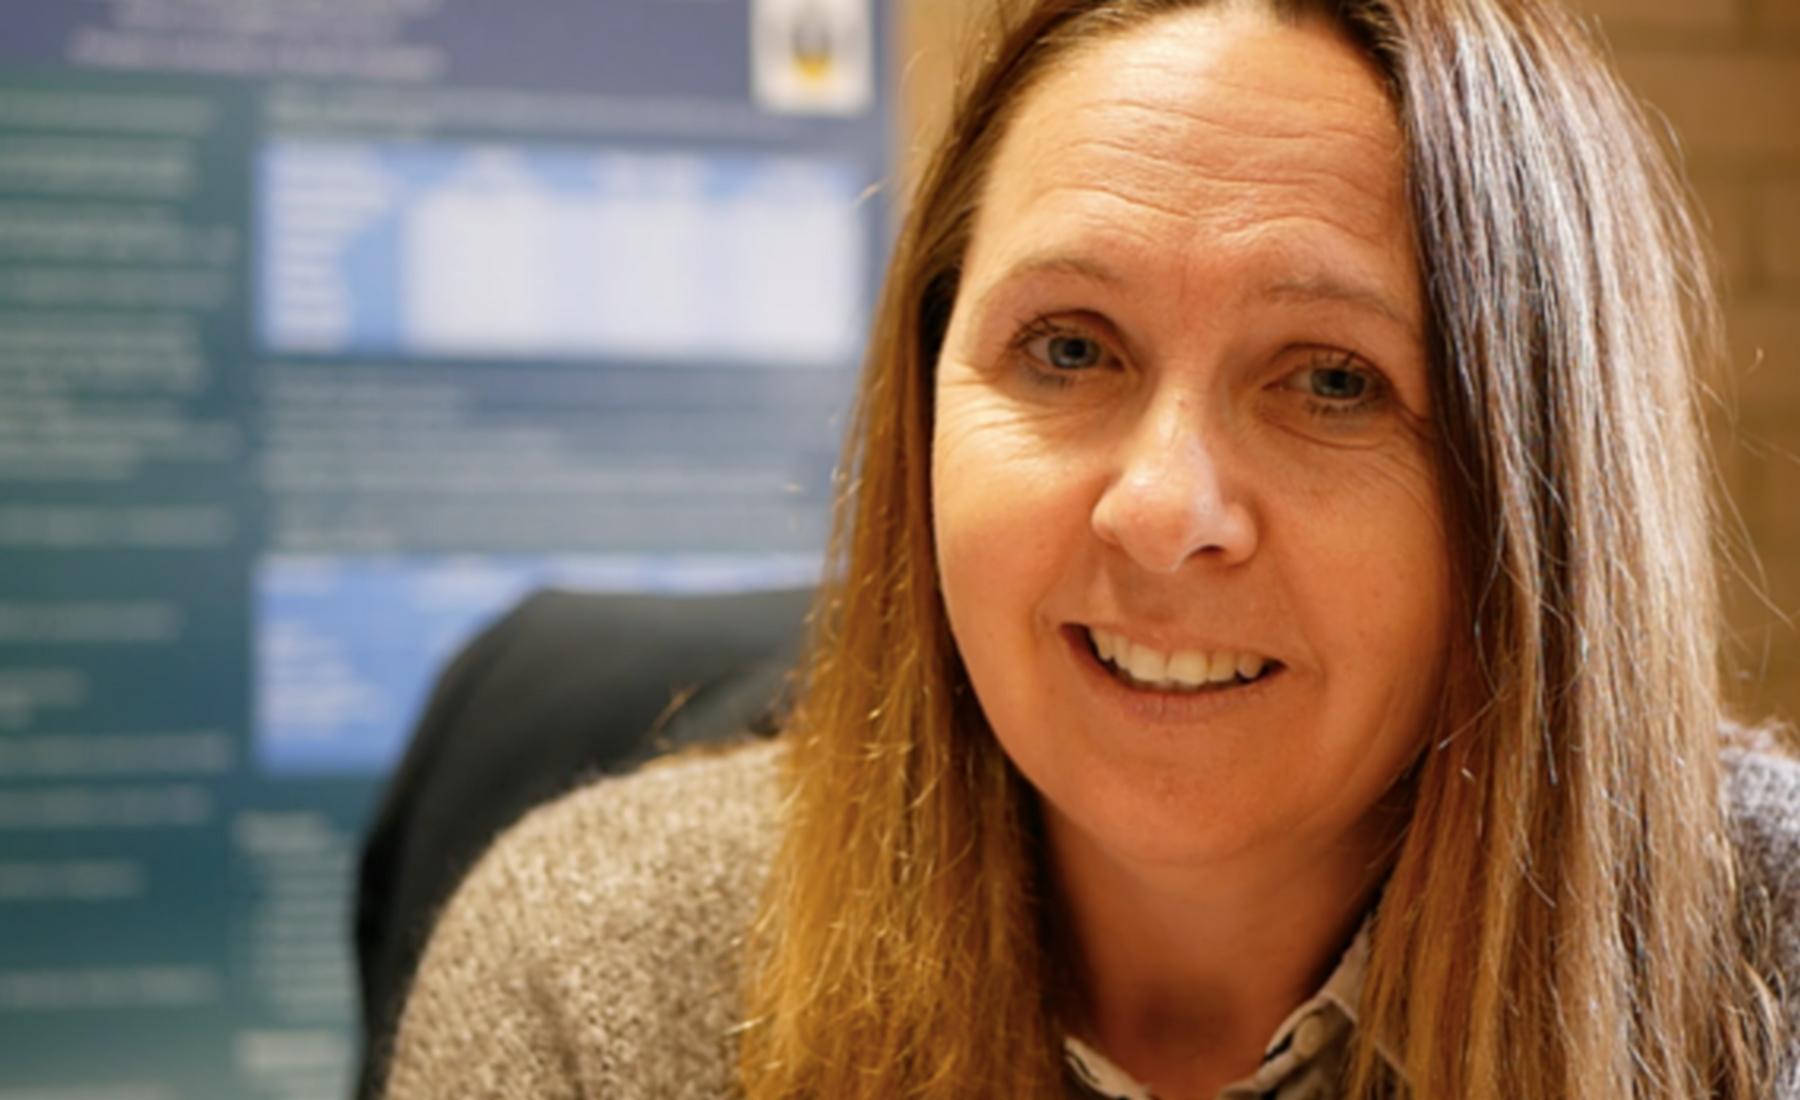 Robyn Young professeure à l'Université Flinders à Adélaïde (Australie) lui a présenté l'outil de diagnostic ADEC.  Elle a réduit les questionnaires pour qu'ils puissent être utilisés par tous les pédiatres afin d'automatiser les repérages. ©DR